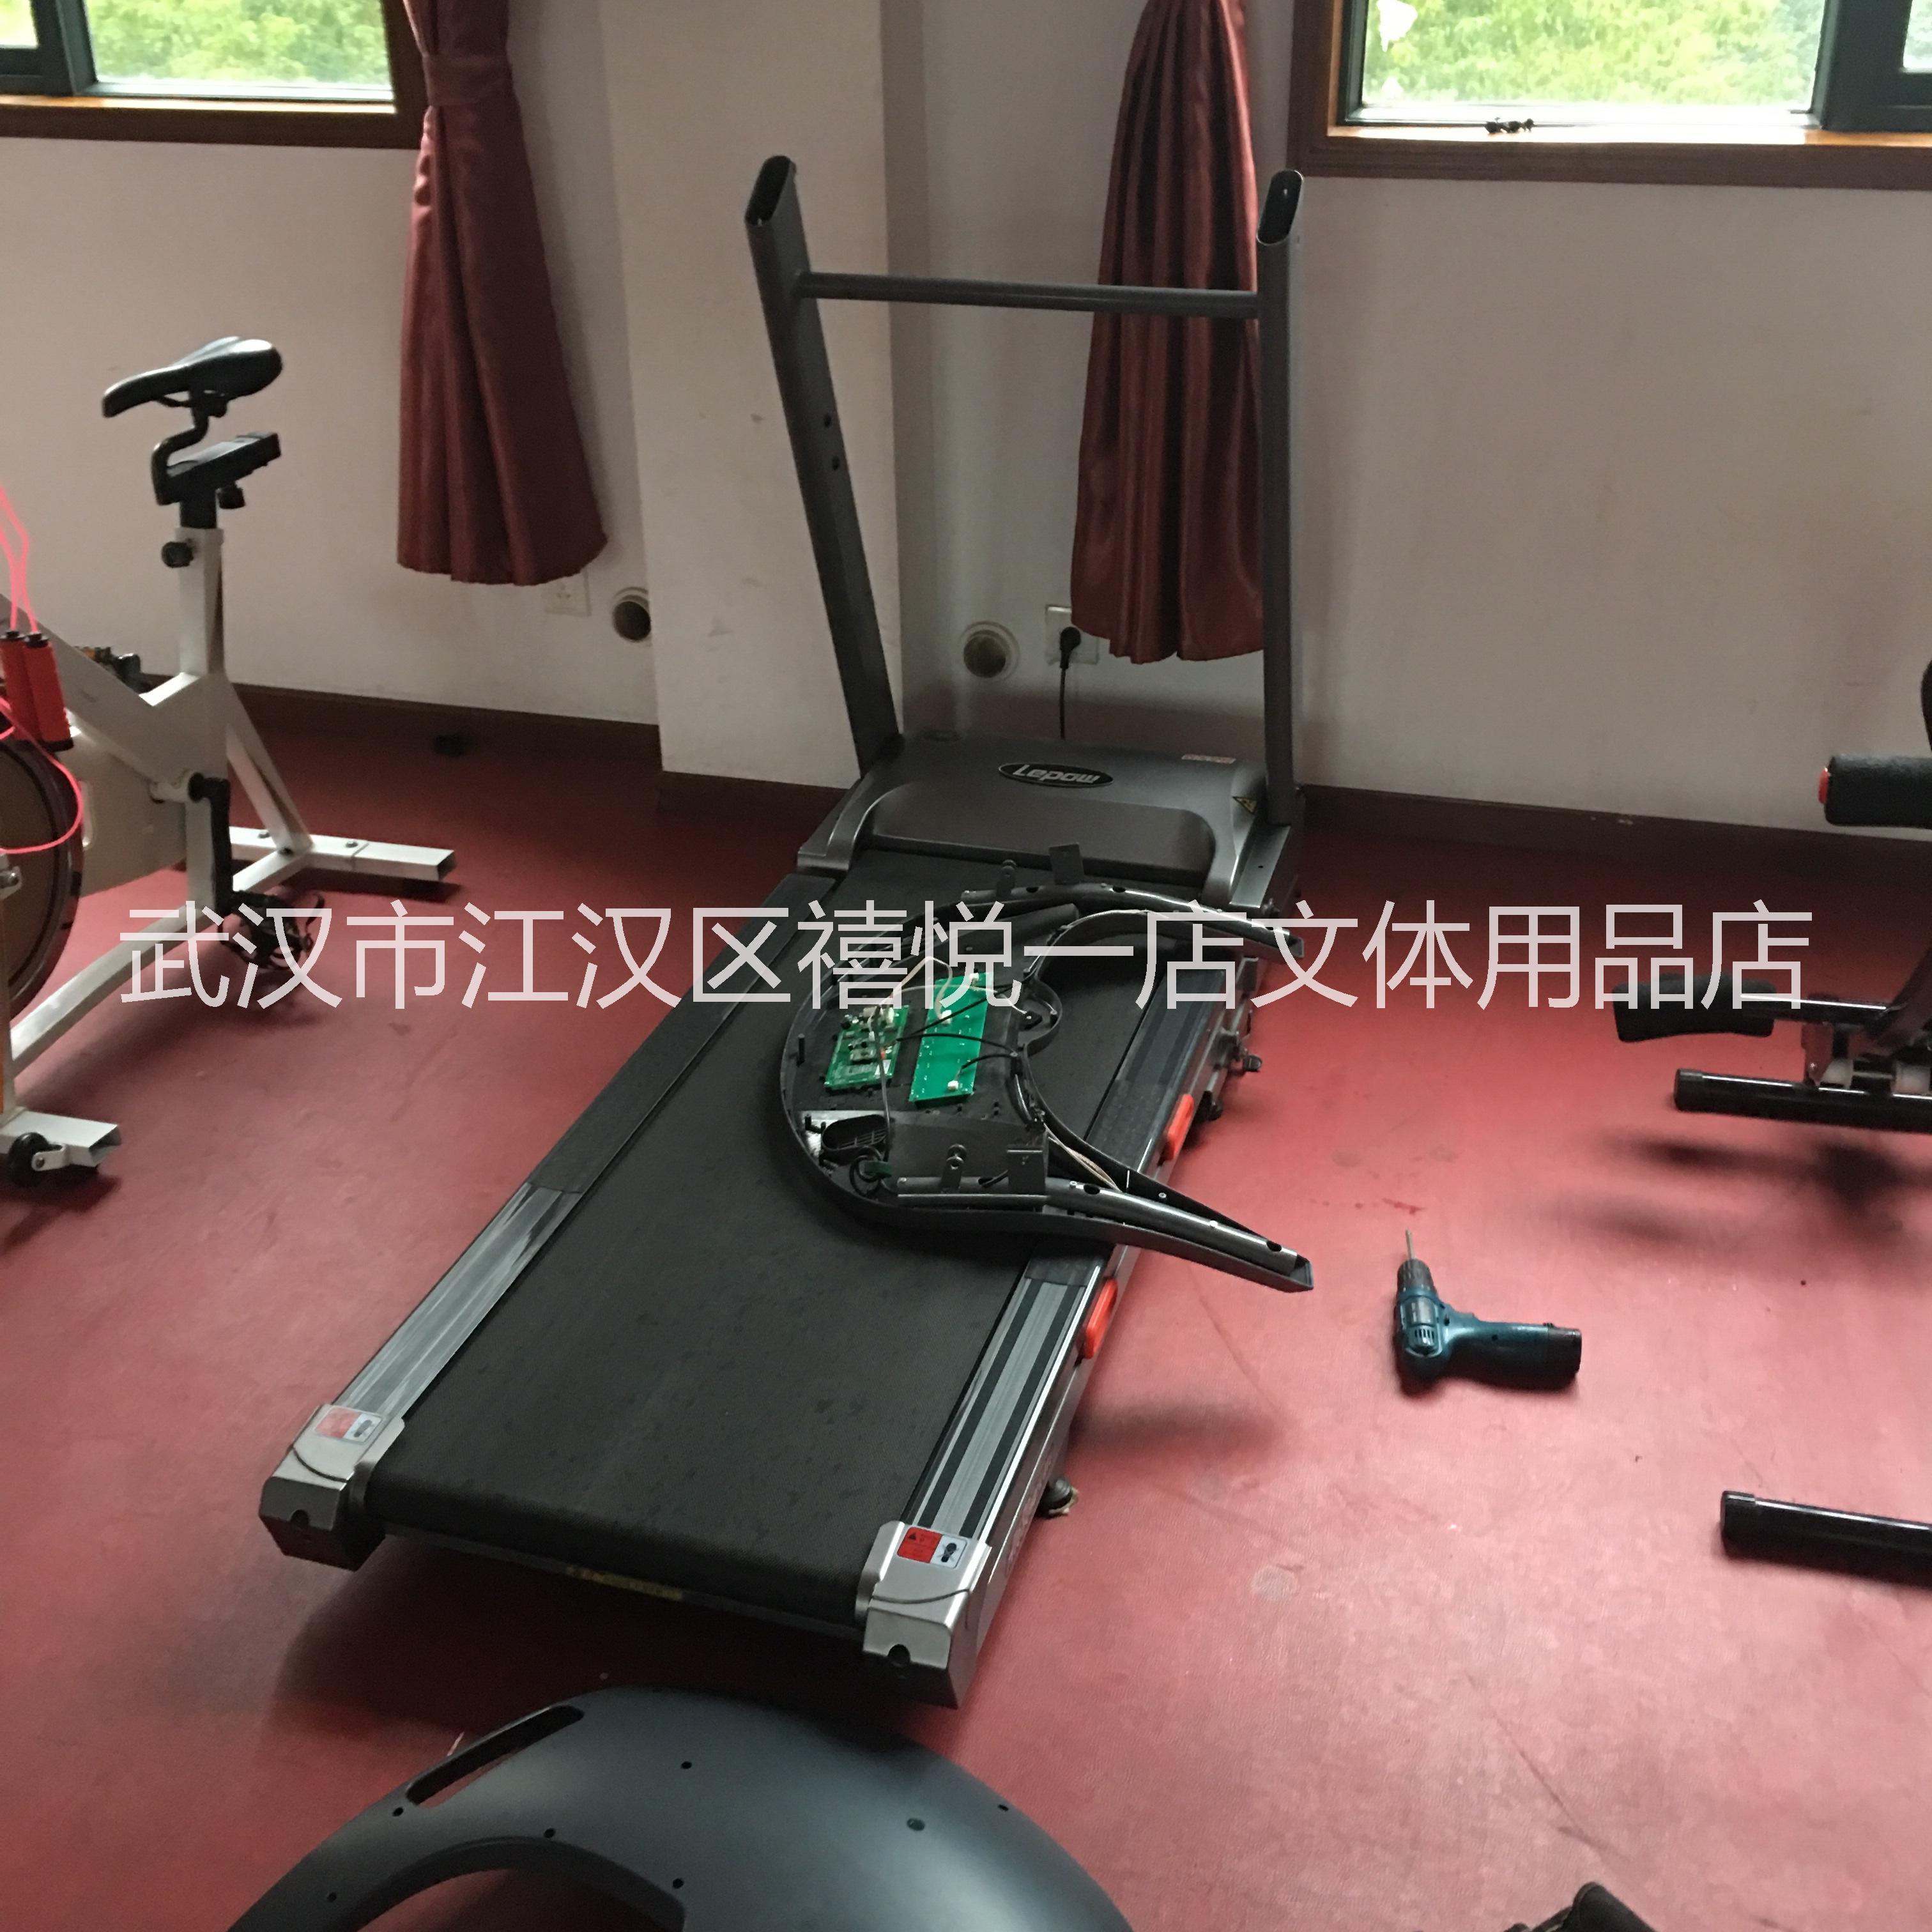 武汉来跑跑步机维修 武汉汇康跑步机维修保养 健身房来跑跑步机售后